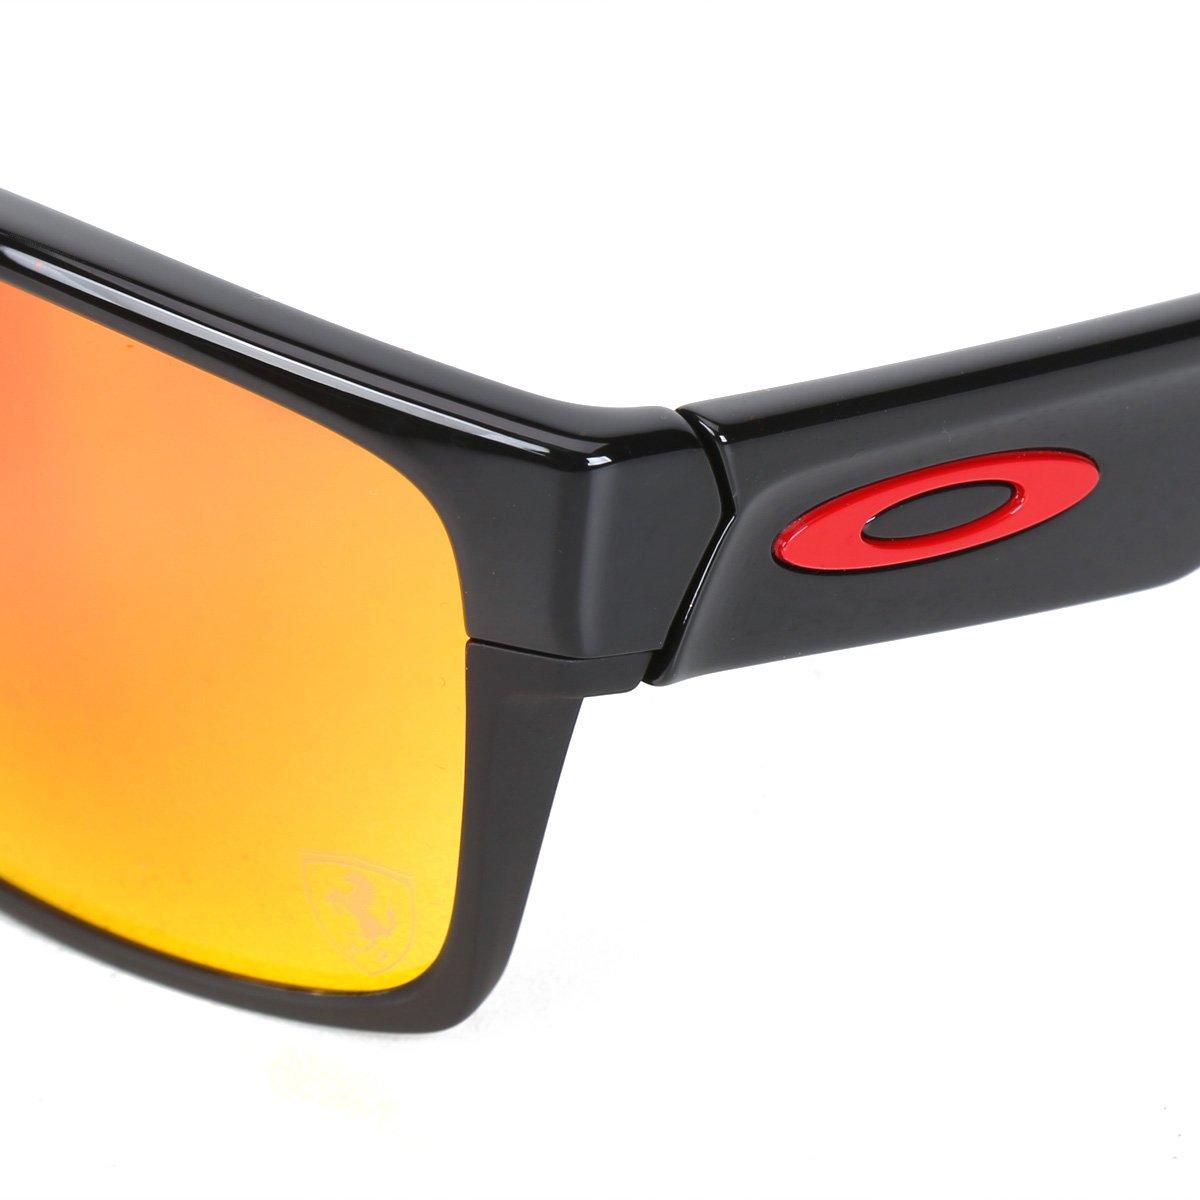 Óculos Oakley Ferrari TwoFace Polished Ruby Iridium - Compre Agora ... c75cfaf133